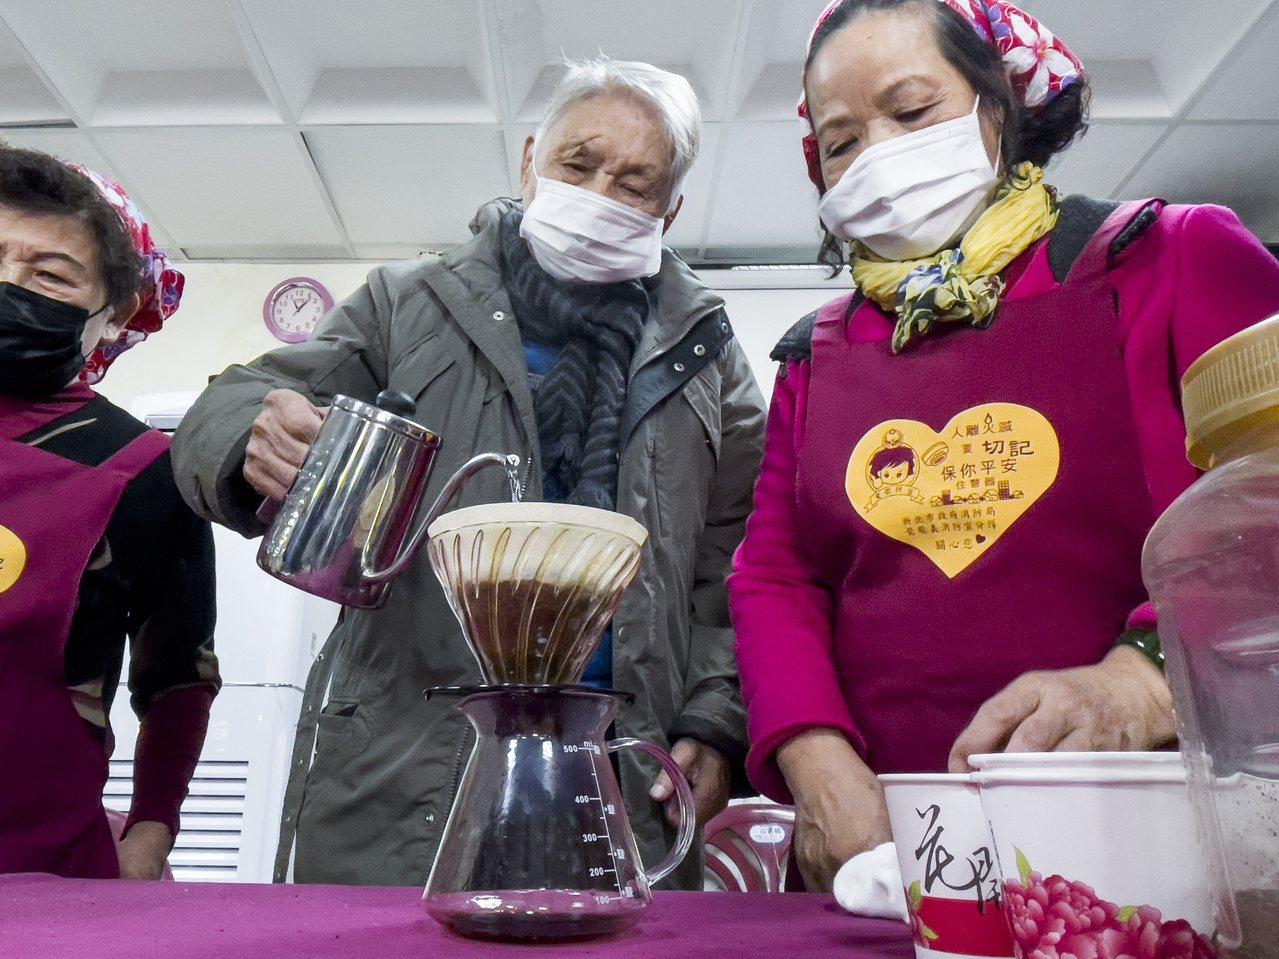 92歲的高鎮波為了「喝杯咖啡」重返社區活動,現在不僅能自行走路,還對著首次到據點...